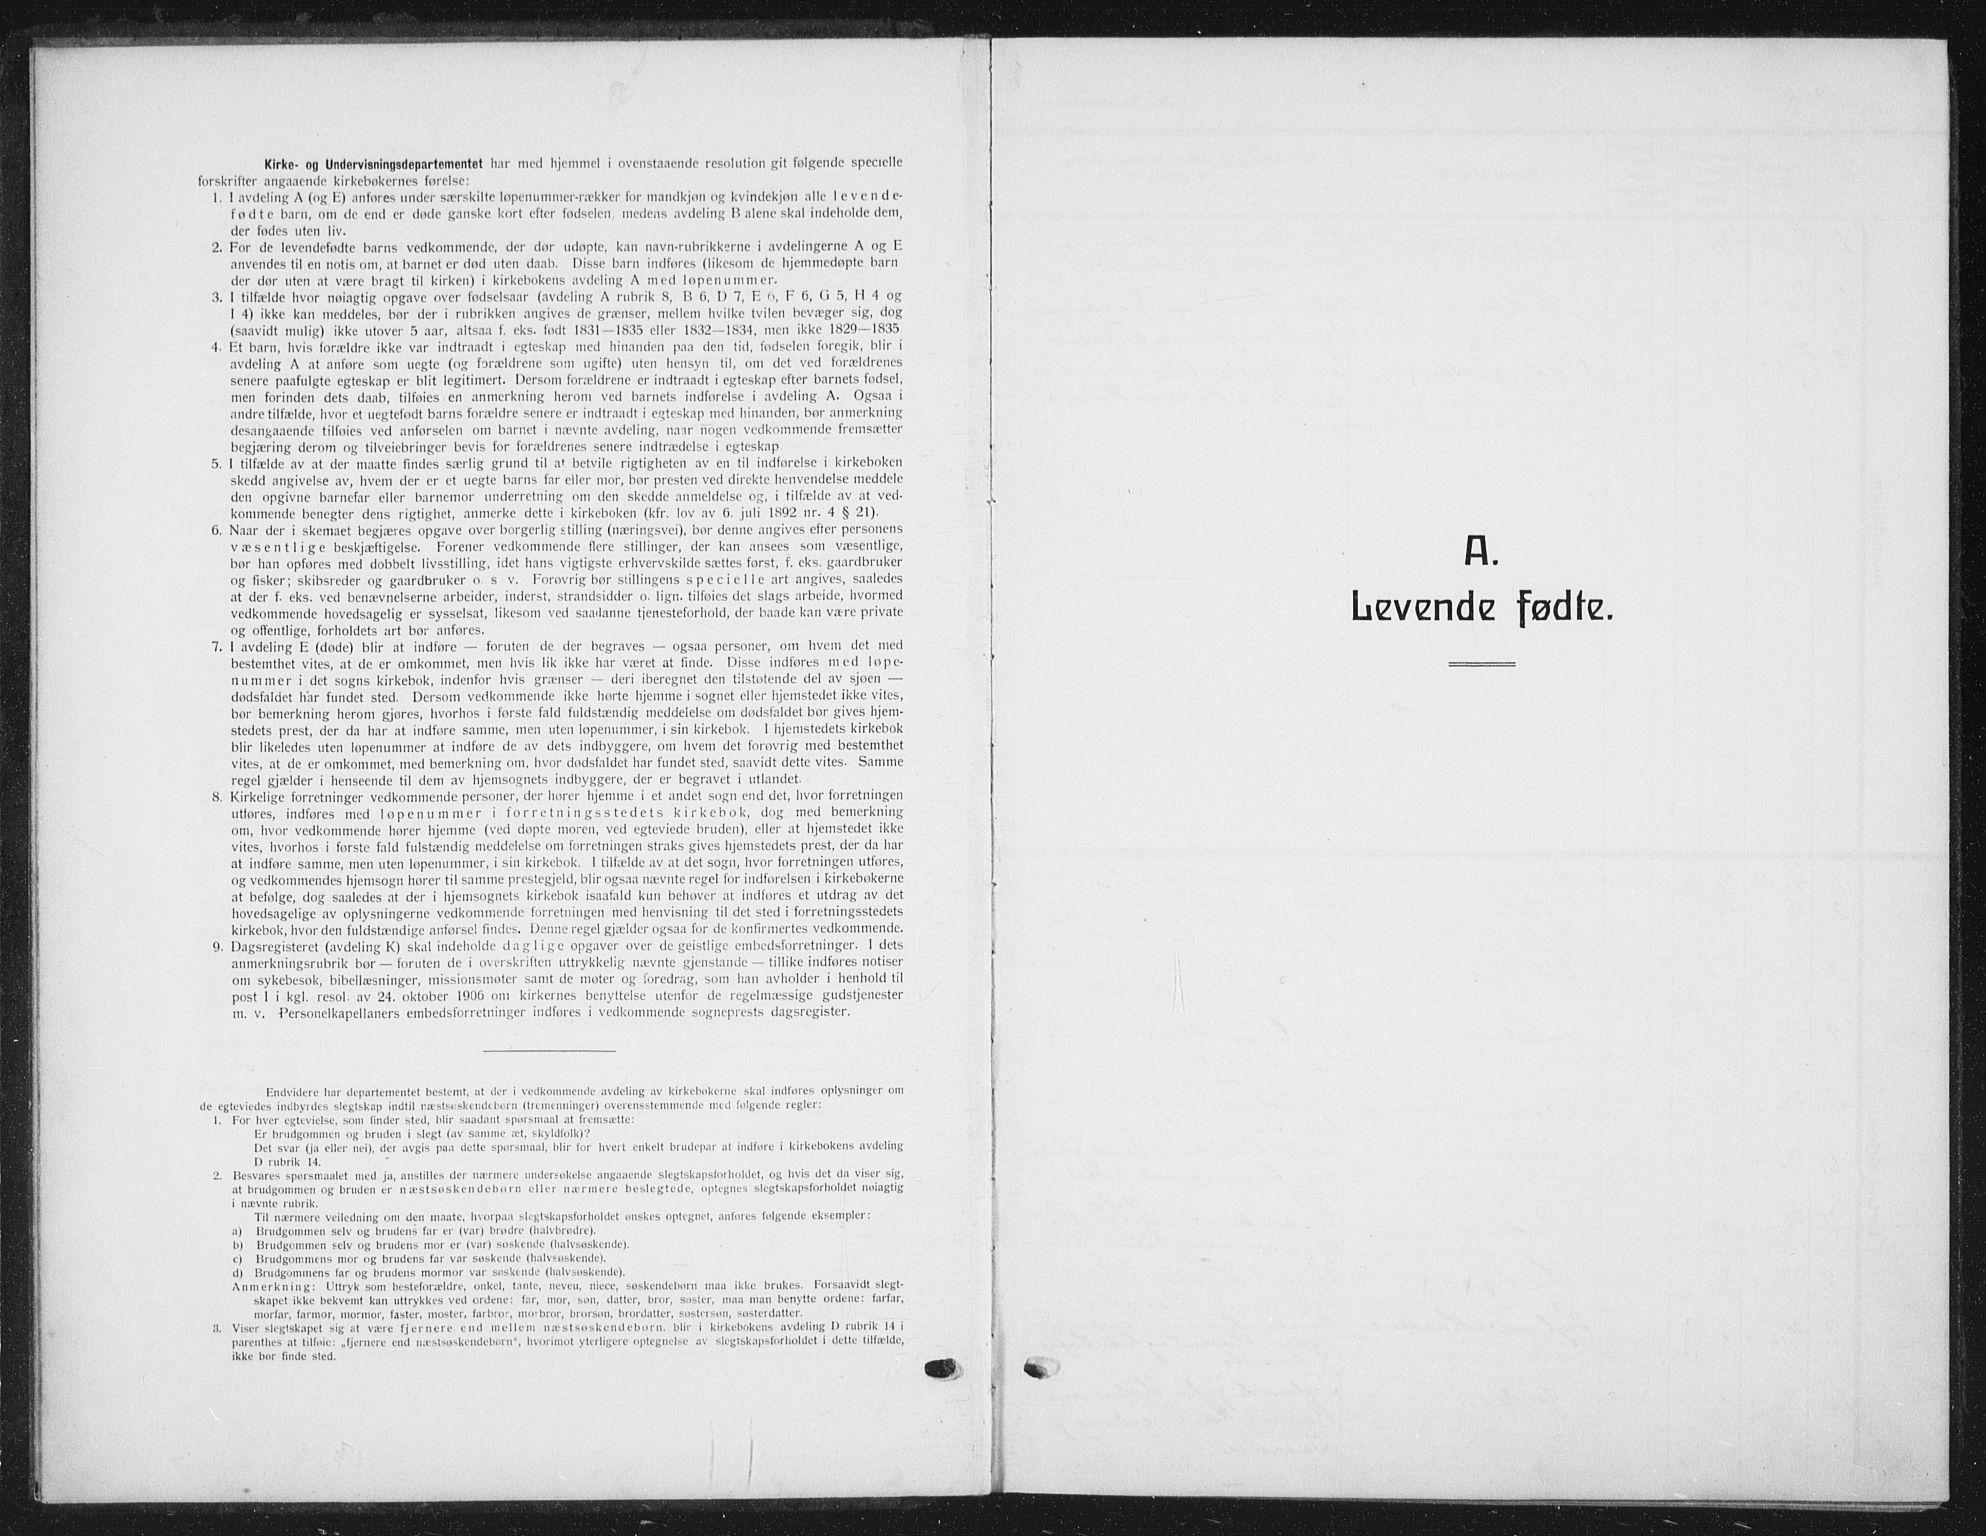 SAT, Ministerialprotokoller, klokkerbøker og fødselsregistre - Nord-Trøndelag, 709/L0088: Klokkerbok nr. 709C02, 1914-1934